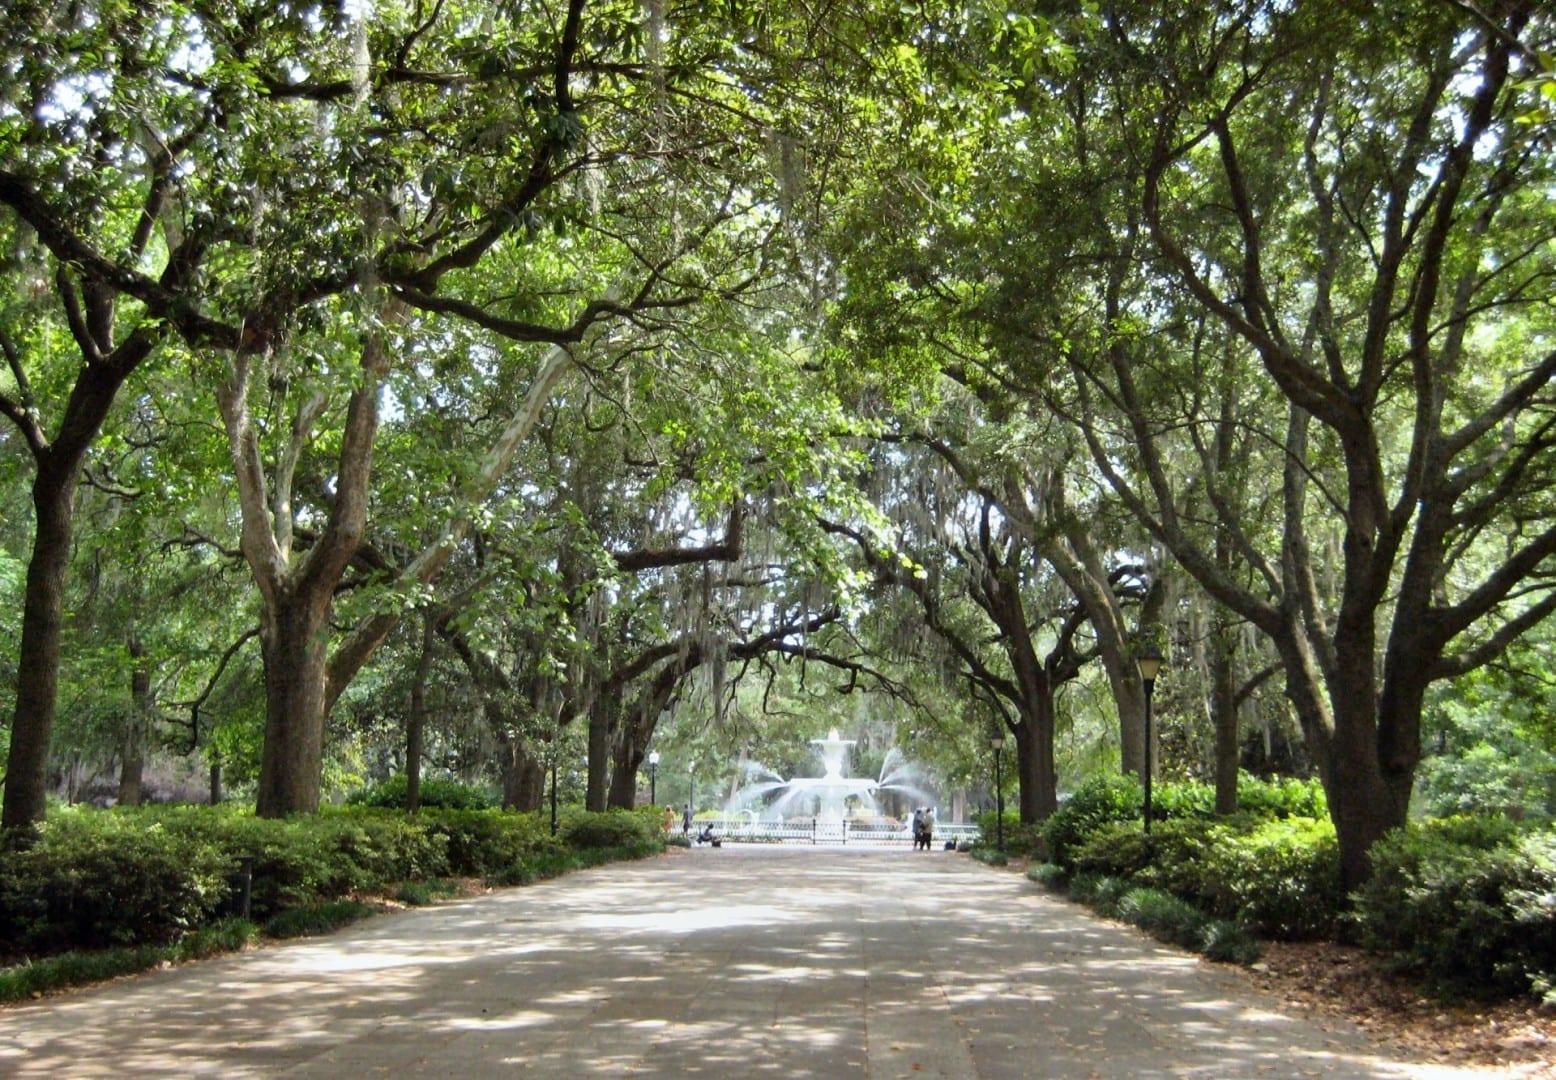 El parque Forsyth con los robles y el musgo español que caracterizan a Savannah Savannah GA Estados Unidos